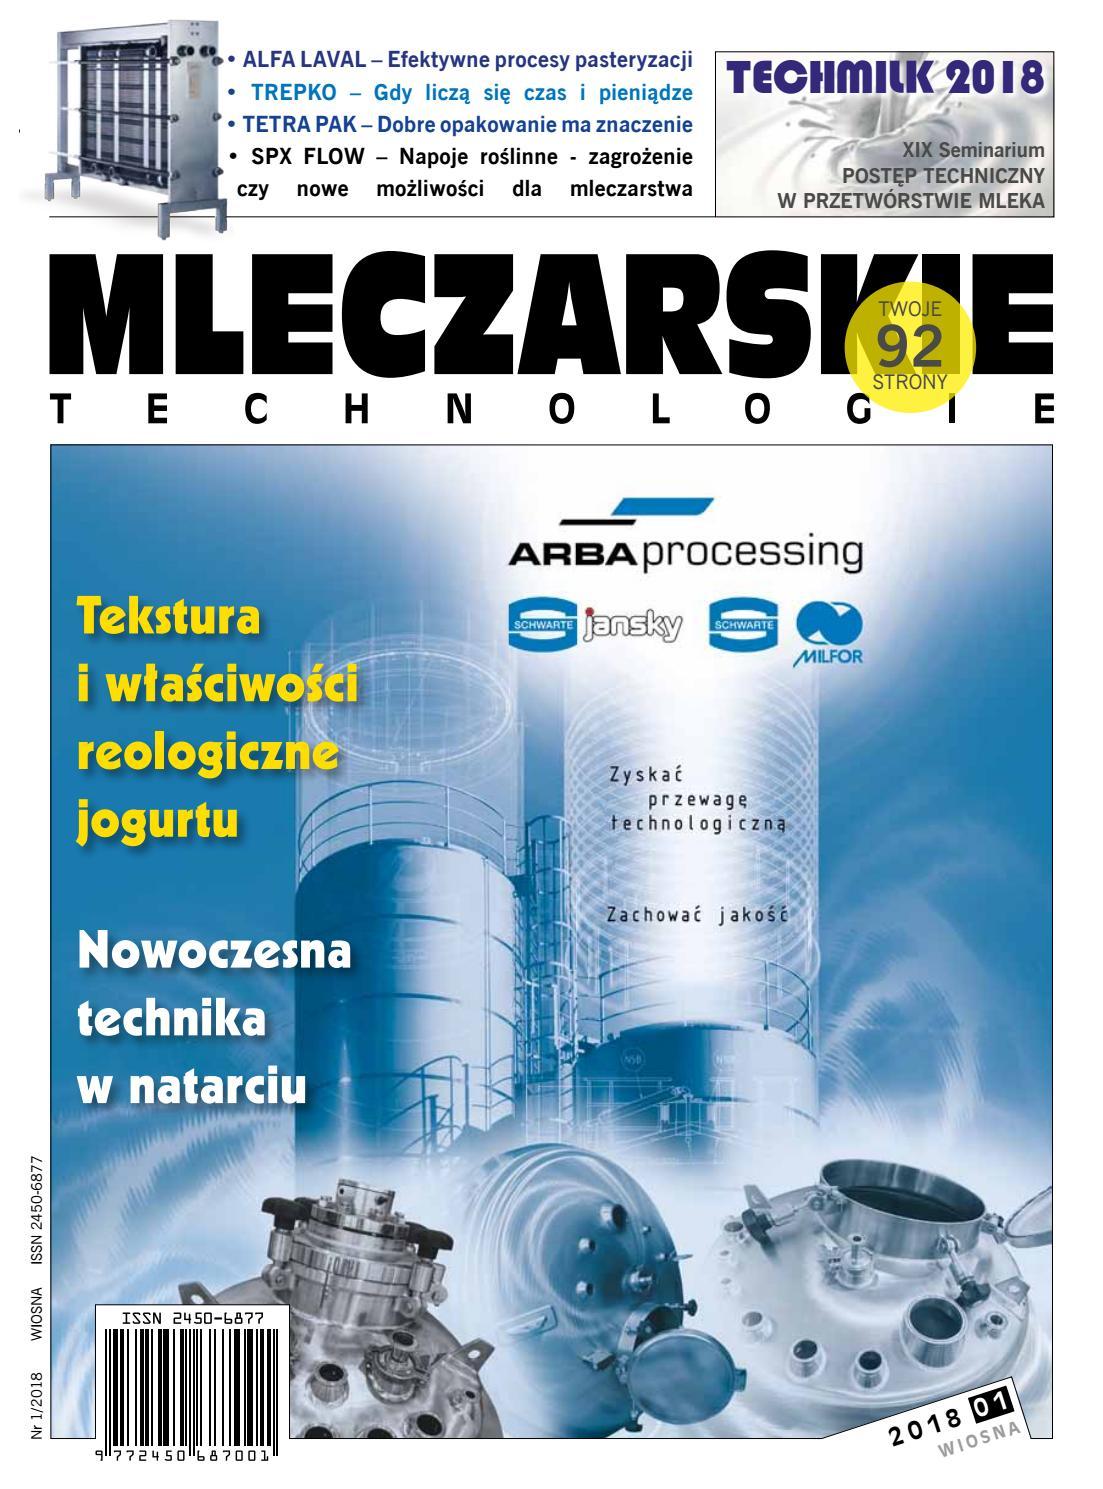 a303ed2ad6223 Mleczarskie technologie 2018 (I) by Womat - media czasopisma dla  specjalistów - issuu